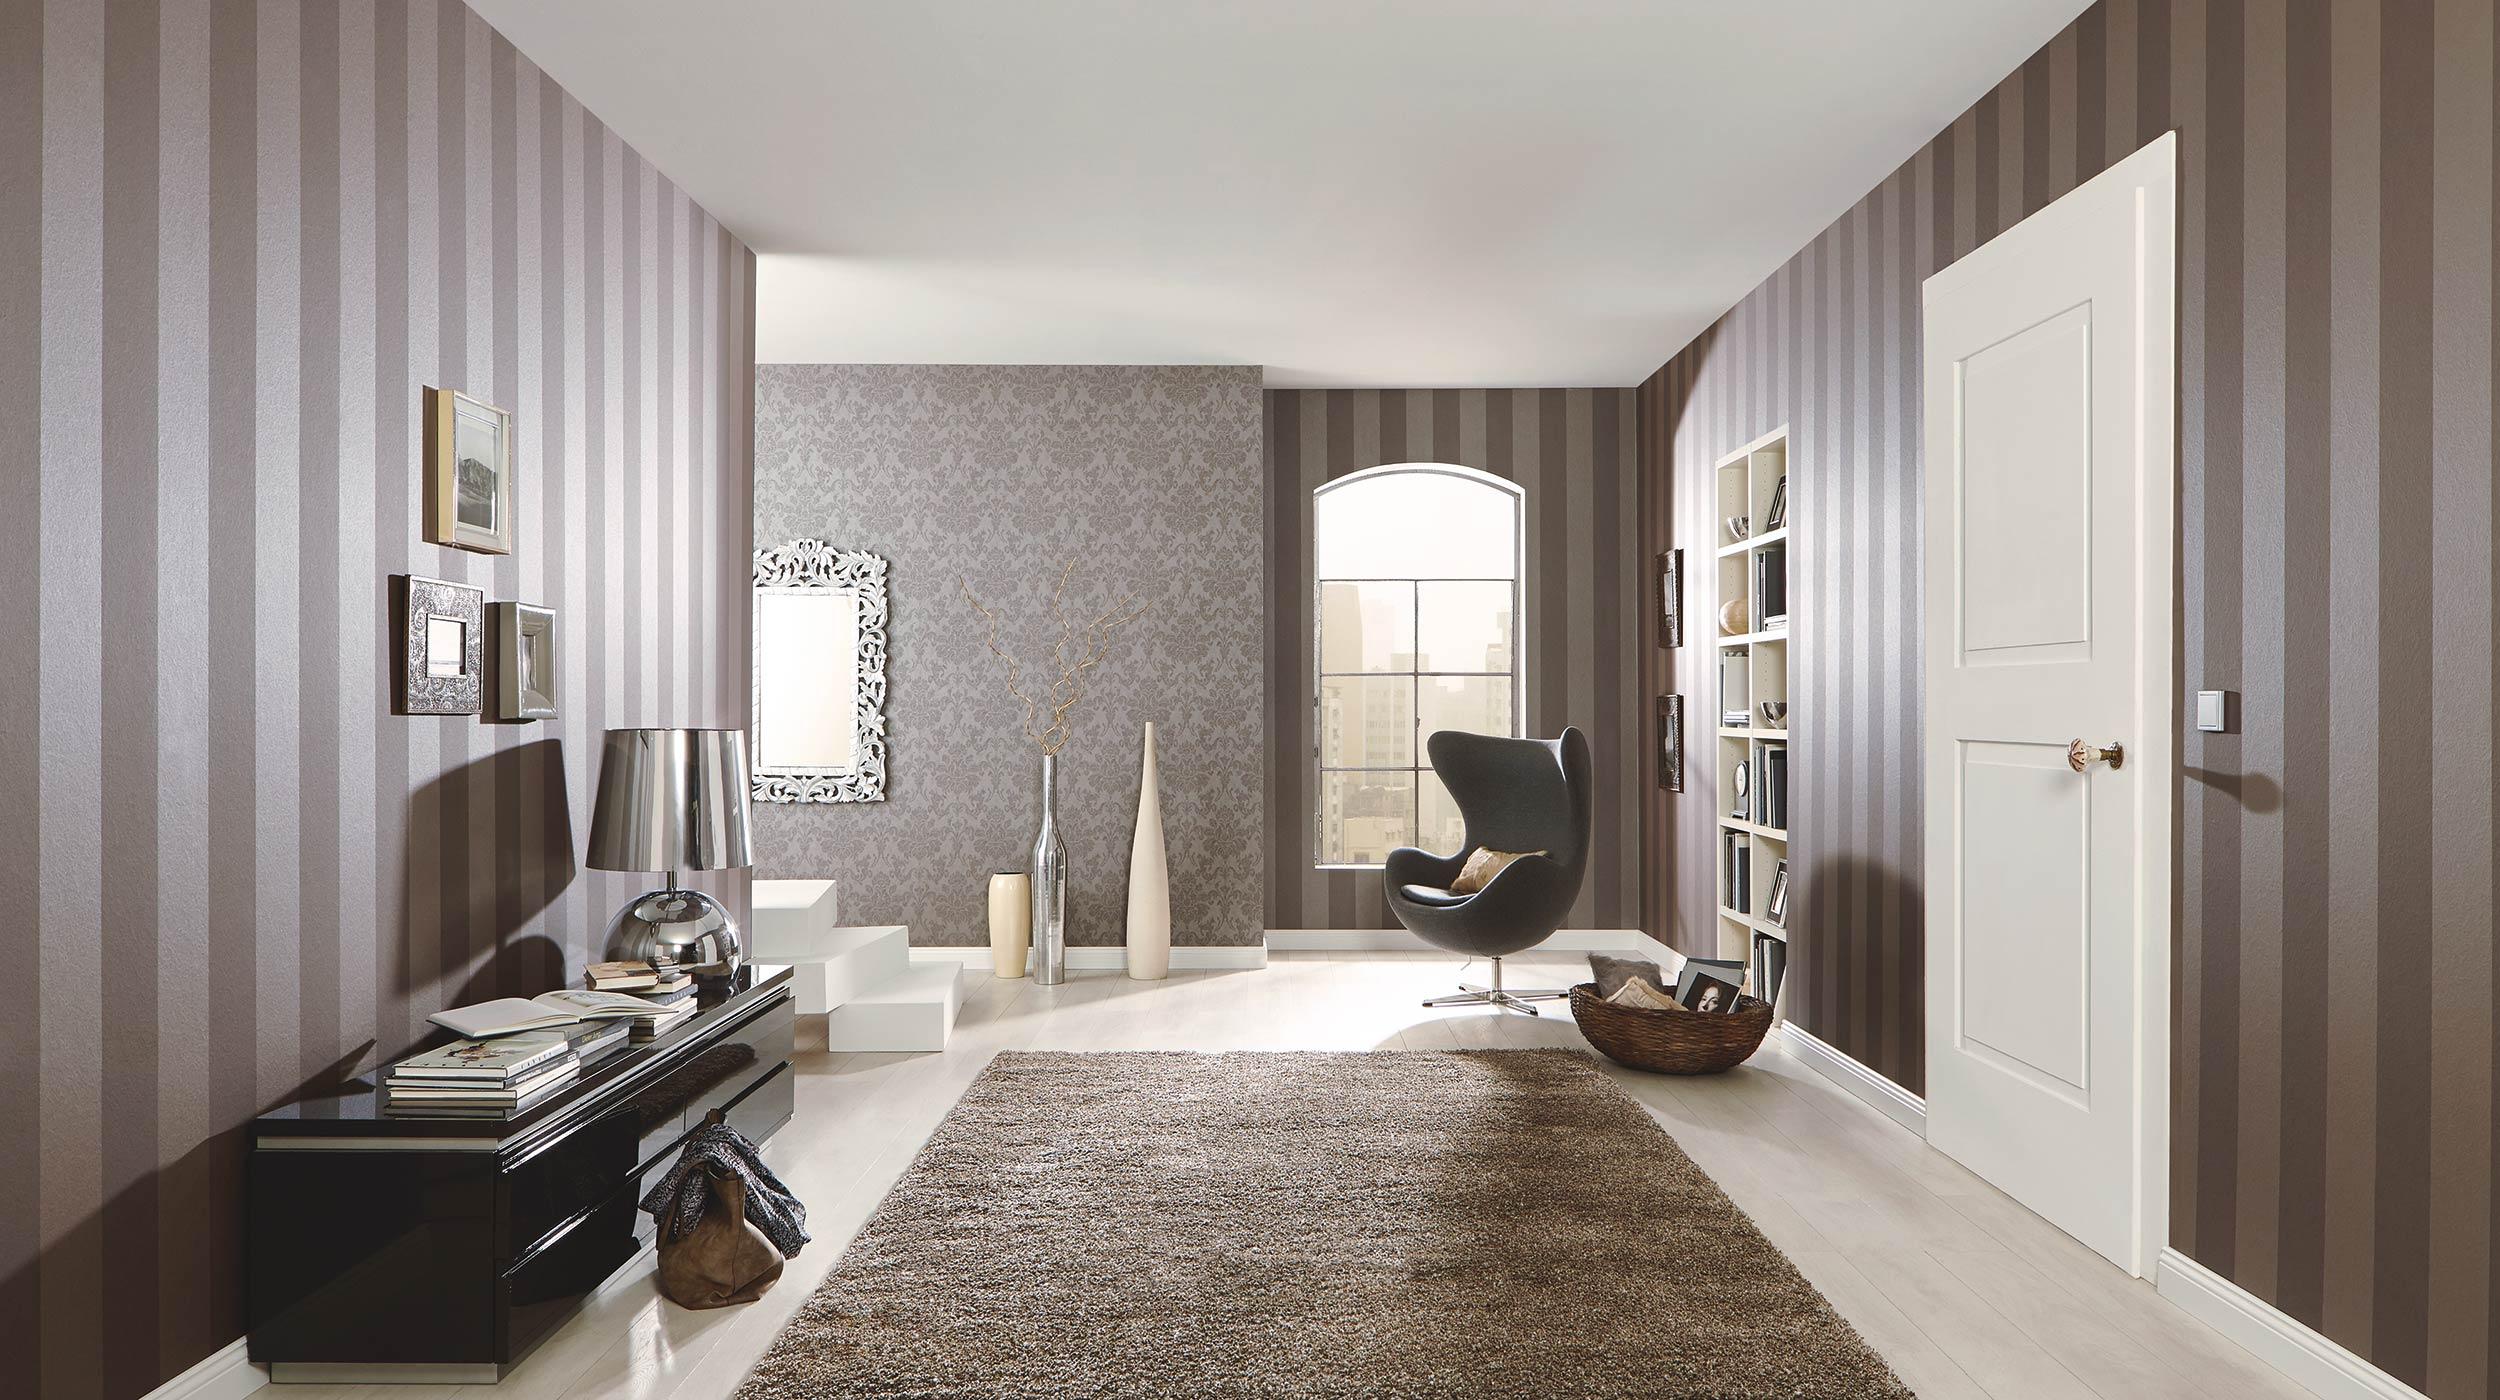 tapeten neuheiten 2017 tapeten neuheiten deutsche dekor 2018 online kaufen tapeten kche ideen. Black Bedroom Furniture Sets. Home Design Ideas